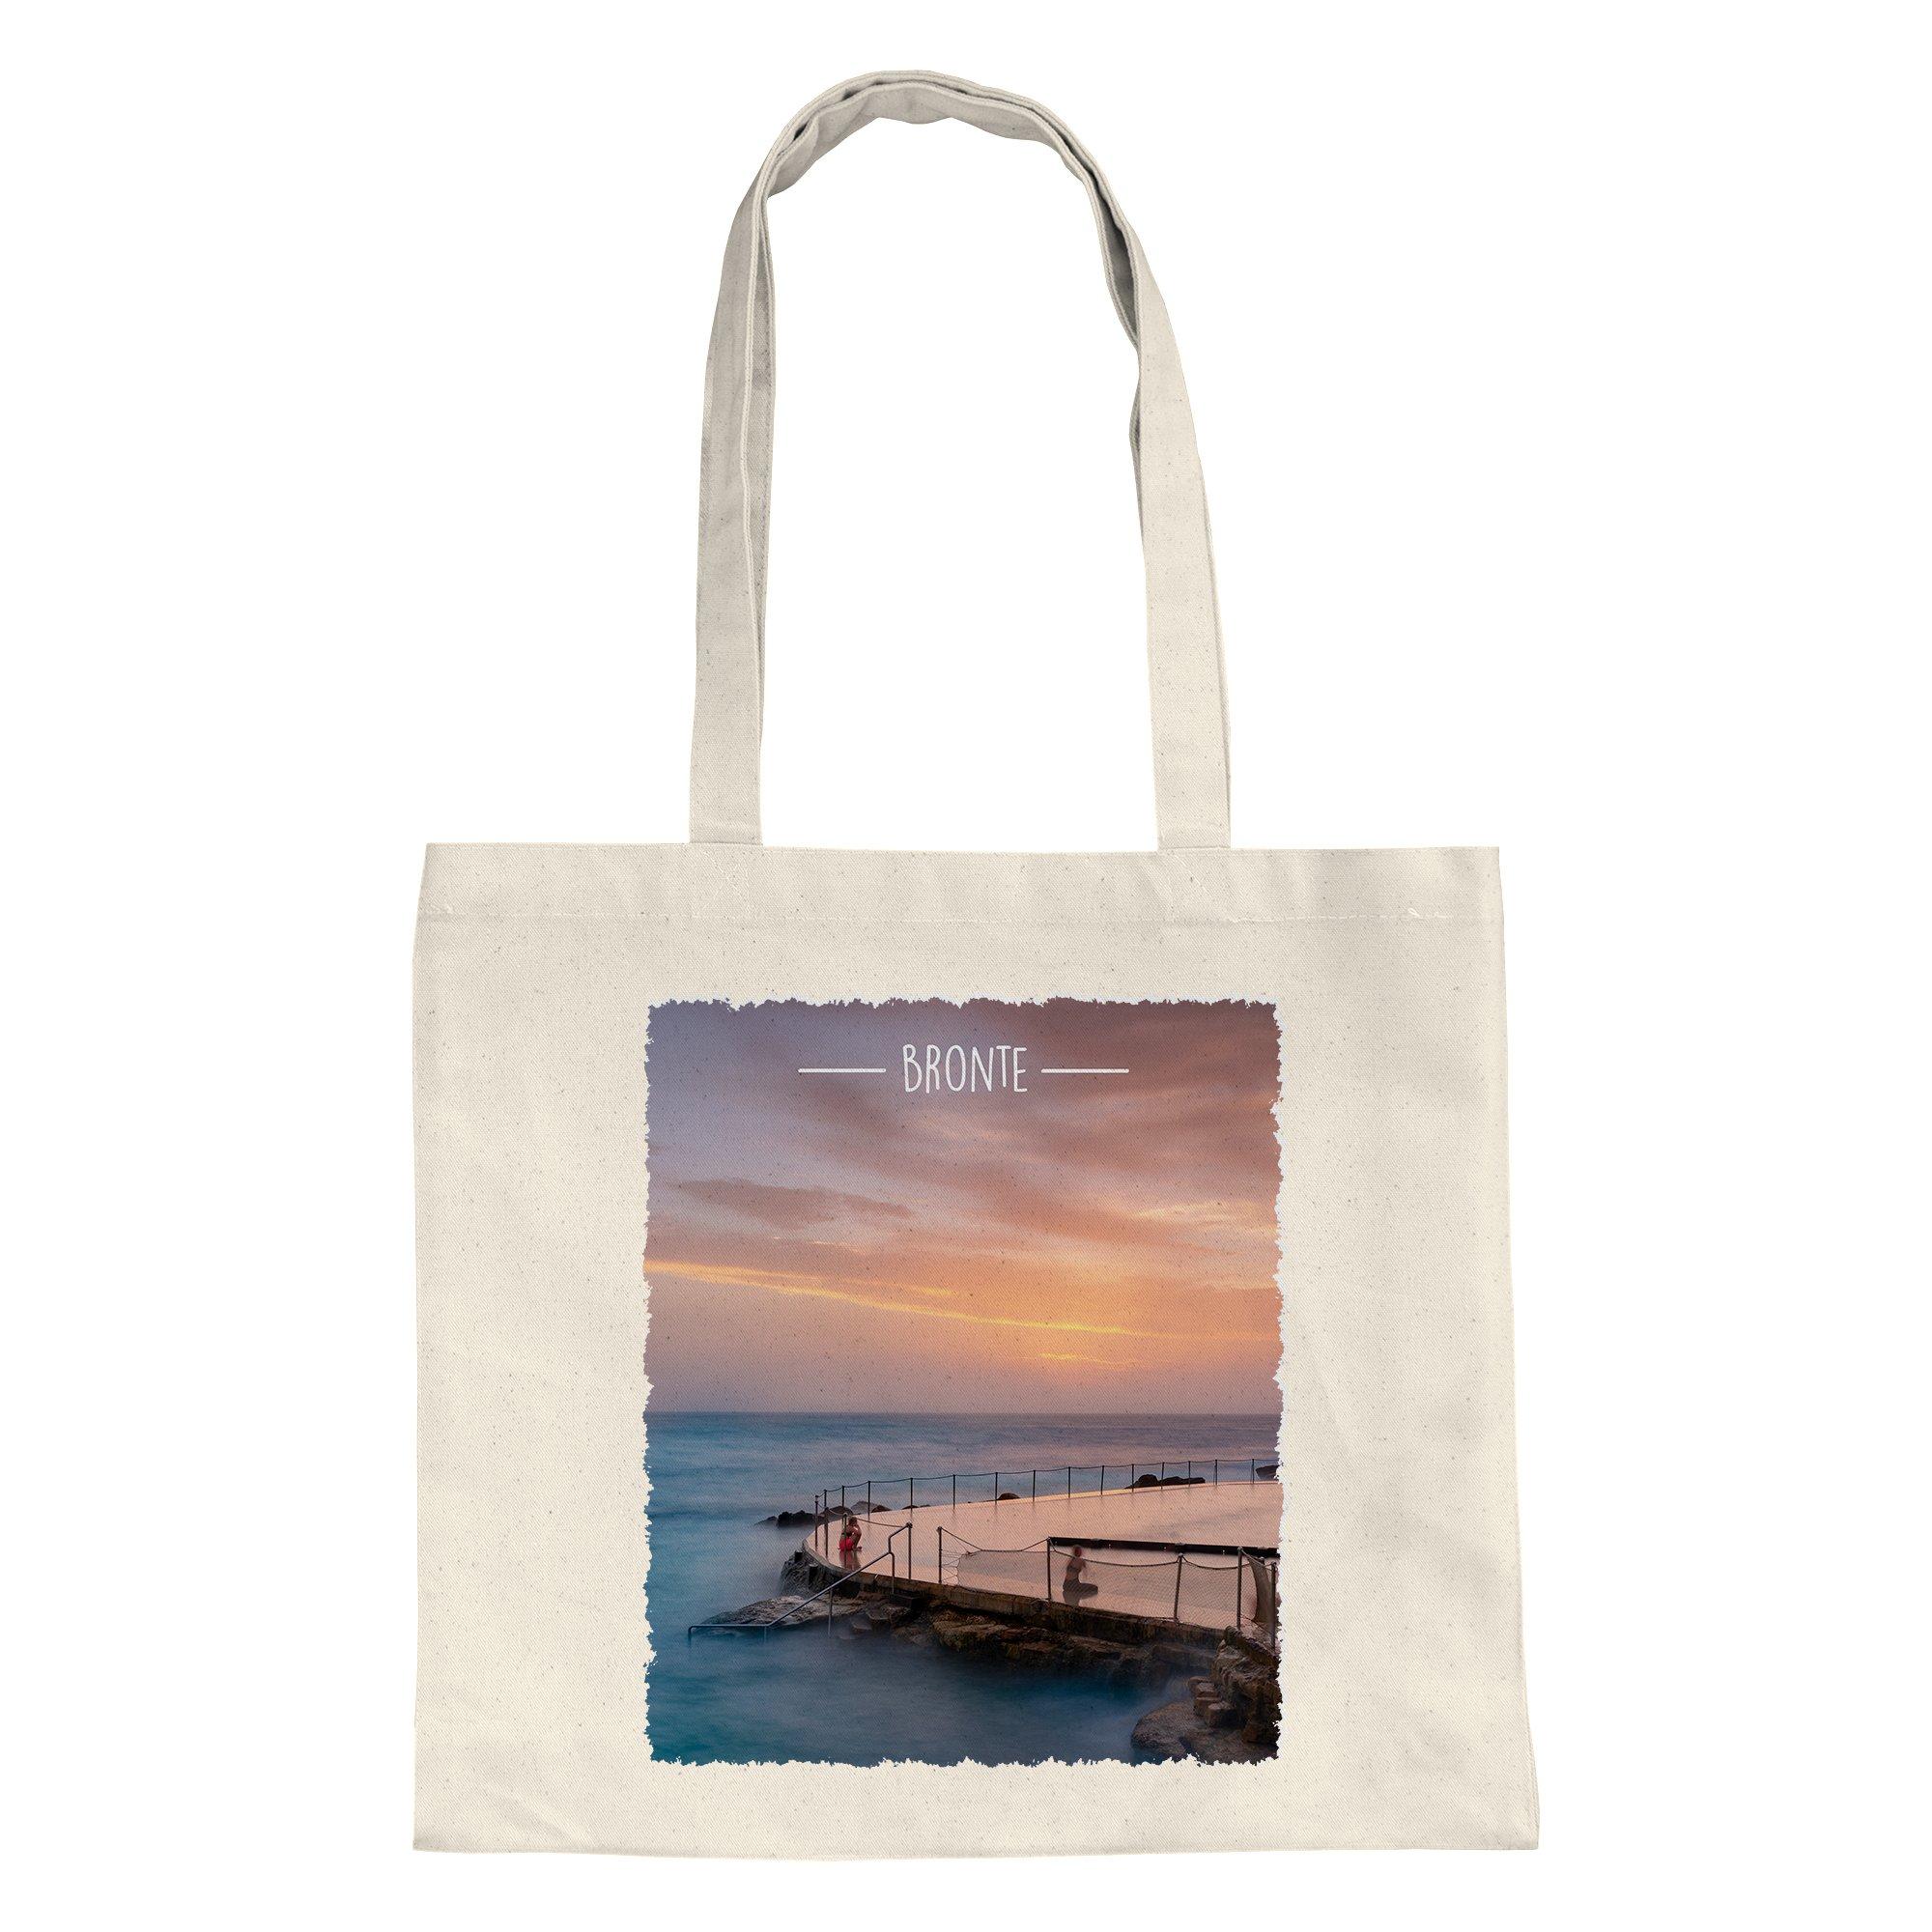 tote-shopping-bag-sunrise-bronte-beach